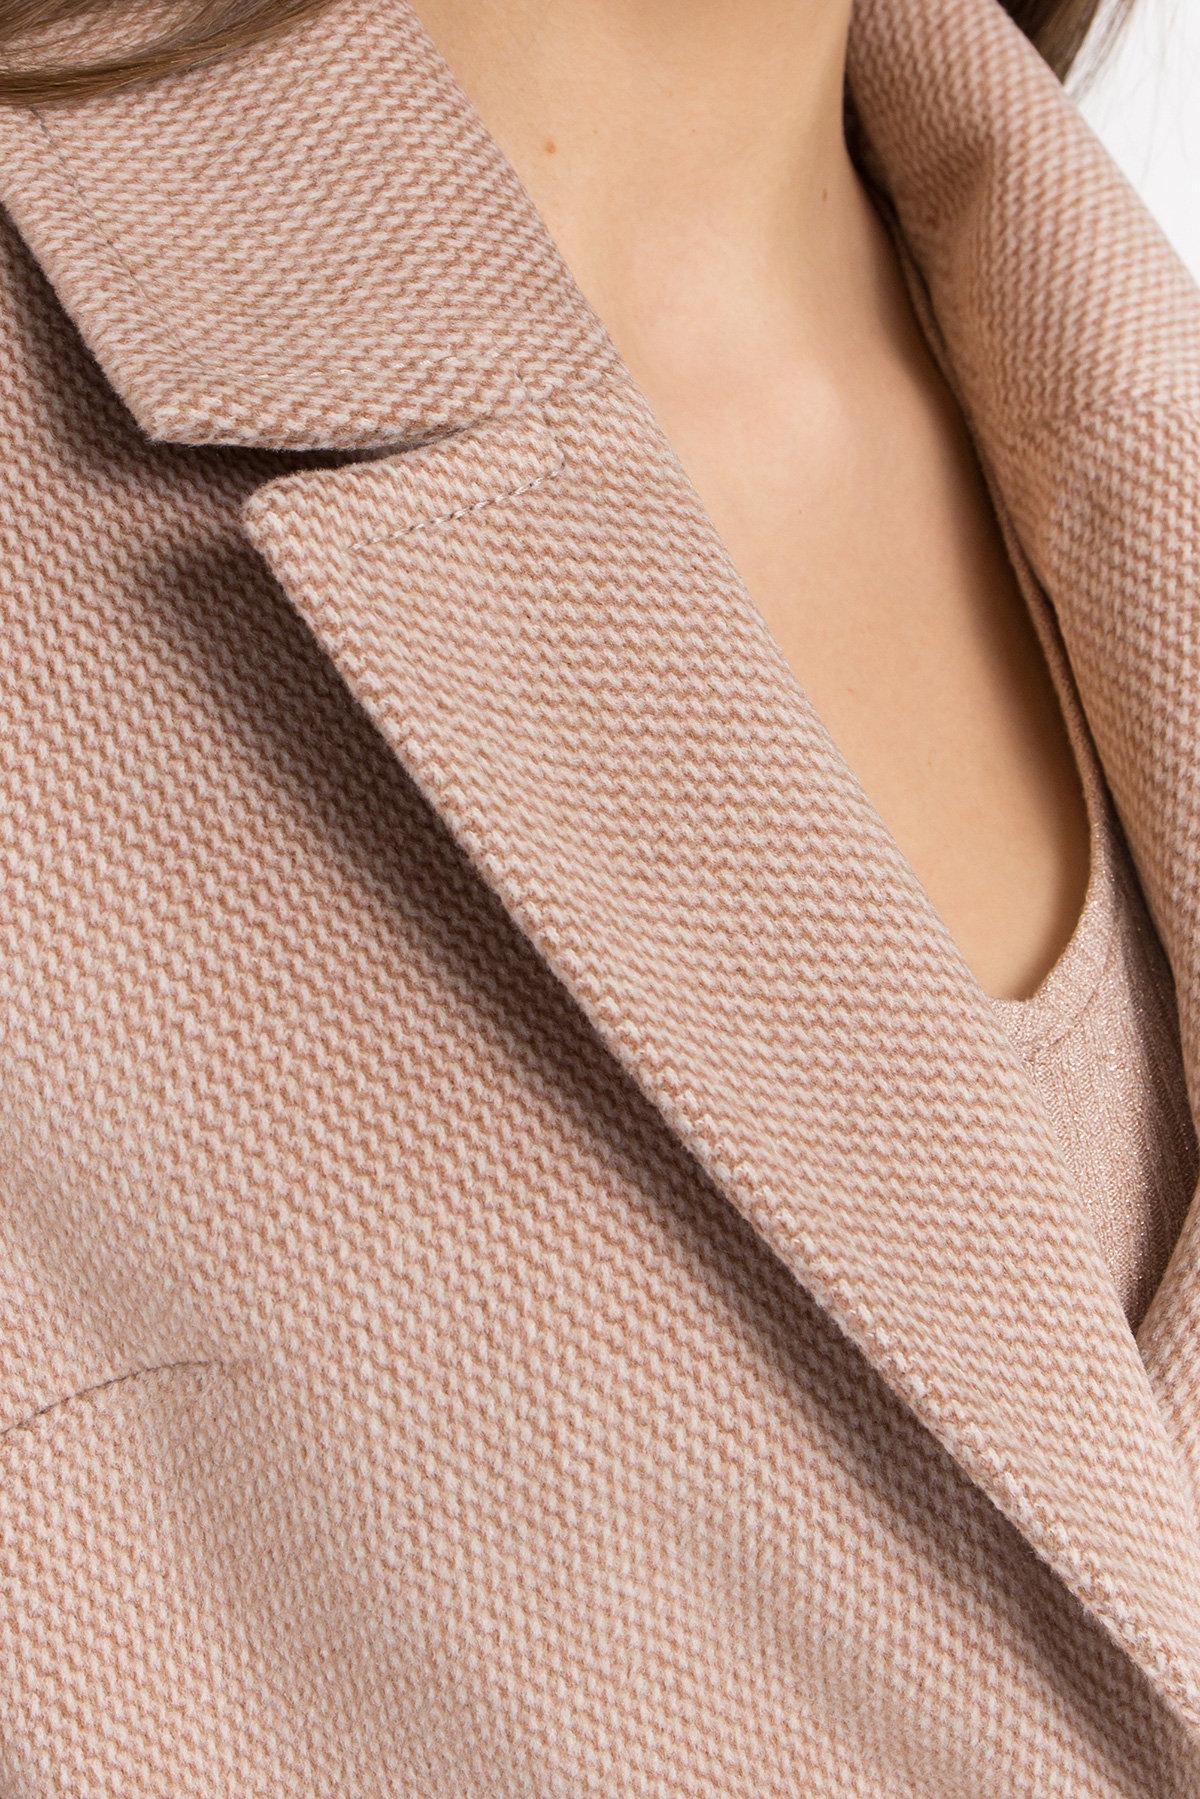 Кашемировое пальто Вейсона 8803 АРТ. 45176 Цвет: Кофе - фото 5, интернет магазин tm-modus.ru